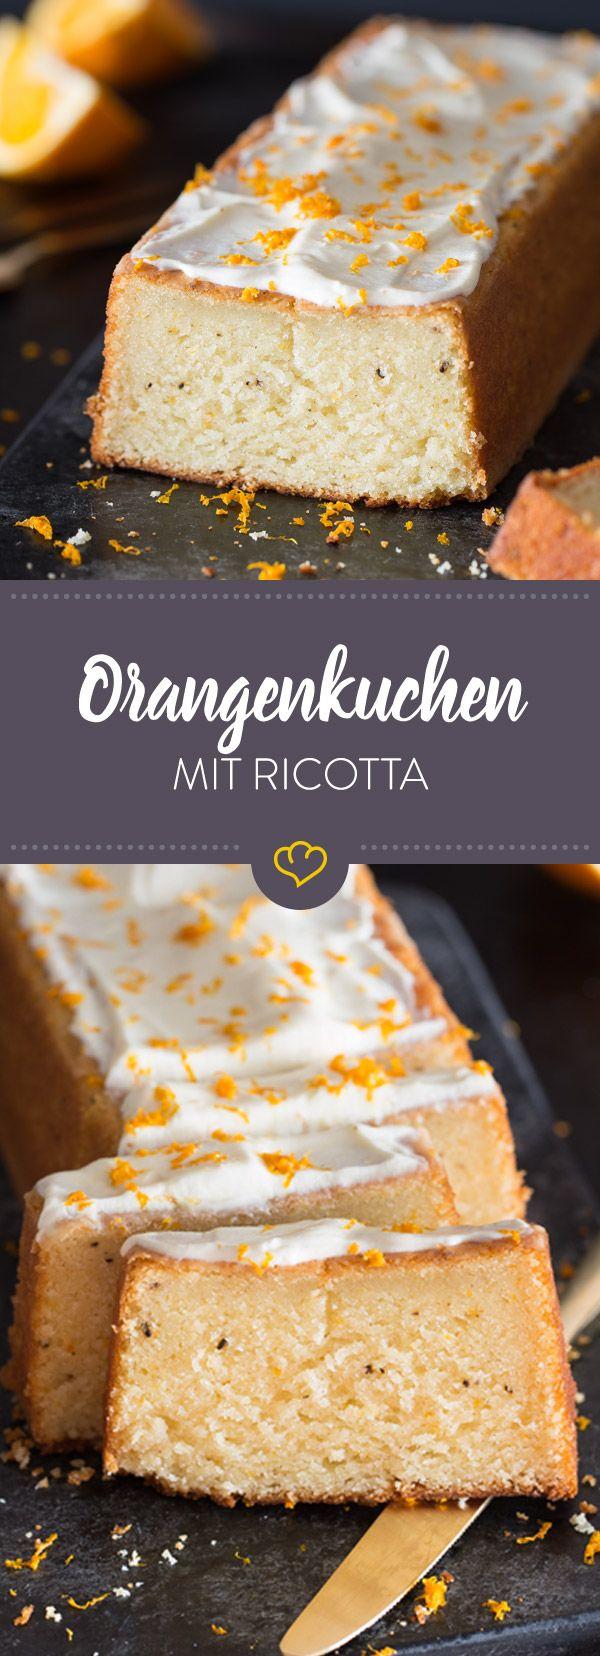 Kuchenhunger? Der fluffig gebackene Teig aus Orange und Ricotta hilft dir garantiert darüber hinweg. Erst recht, wenn süßer Orangensirup mit im Spiel ist.